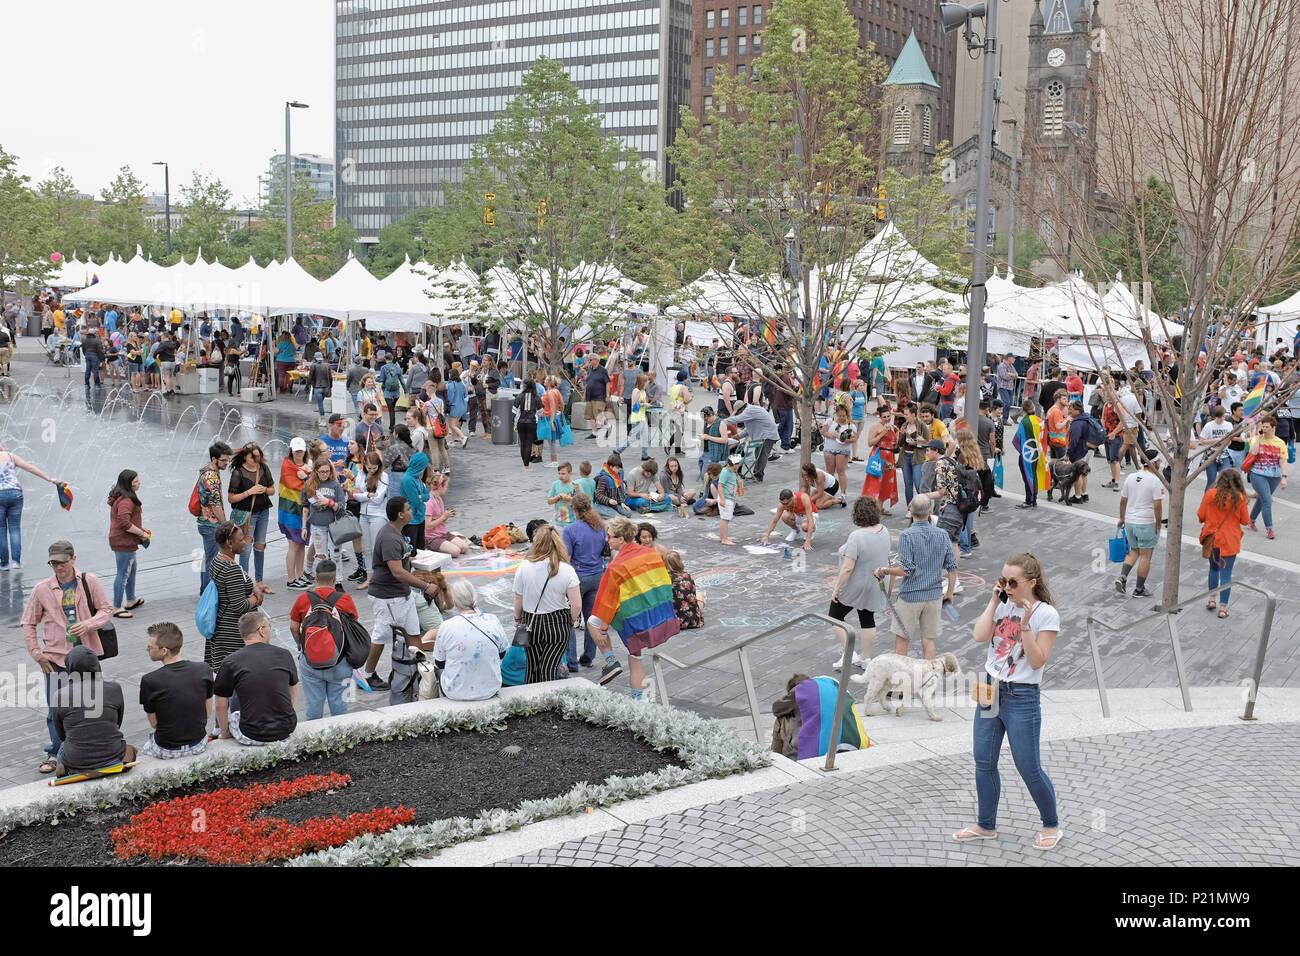 2018 LGBTQ Pride celebration in Public Square in downtown Cleveland, Ohio, USA - Stock Image